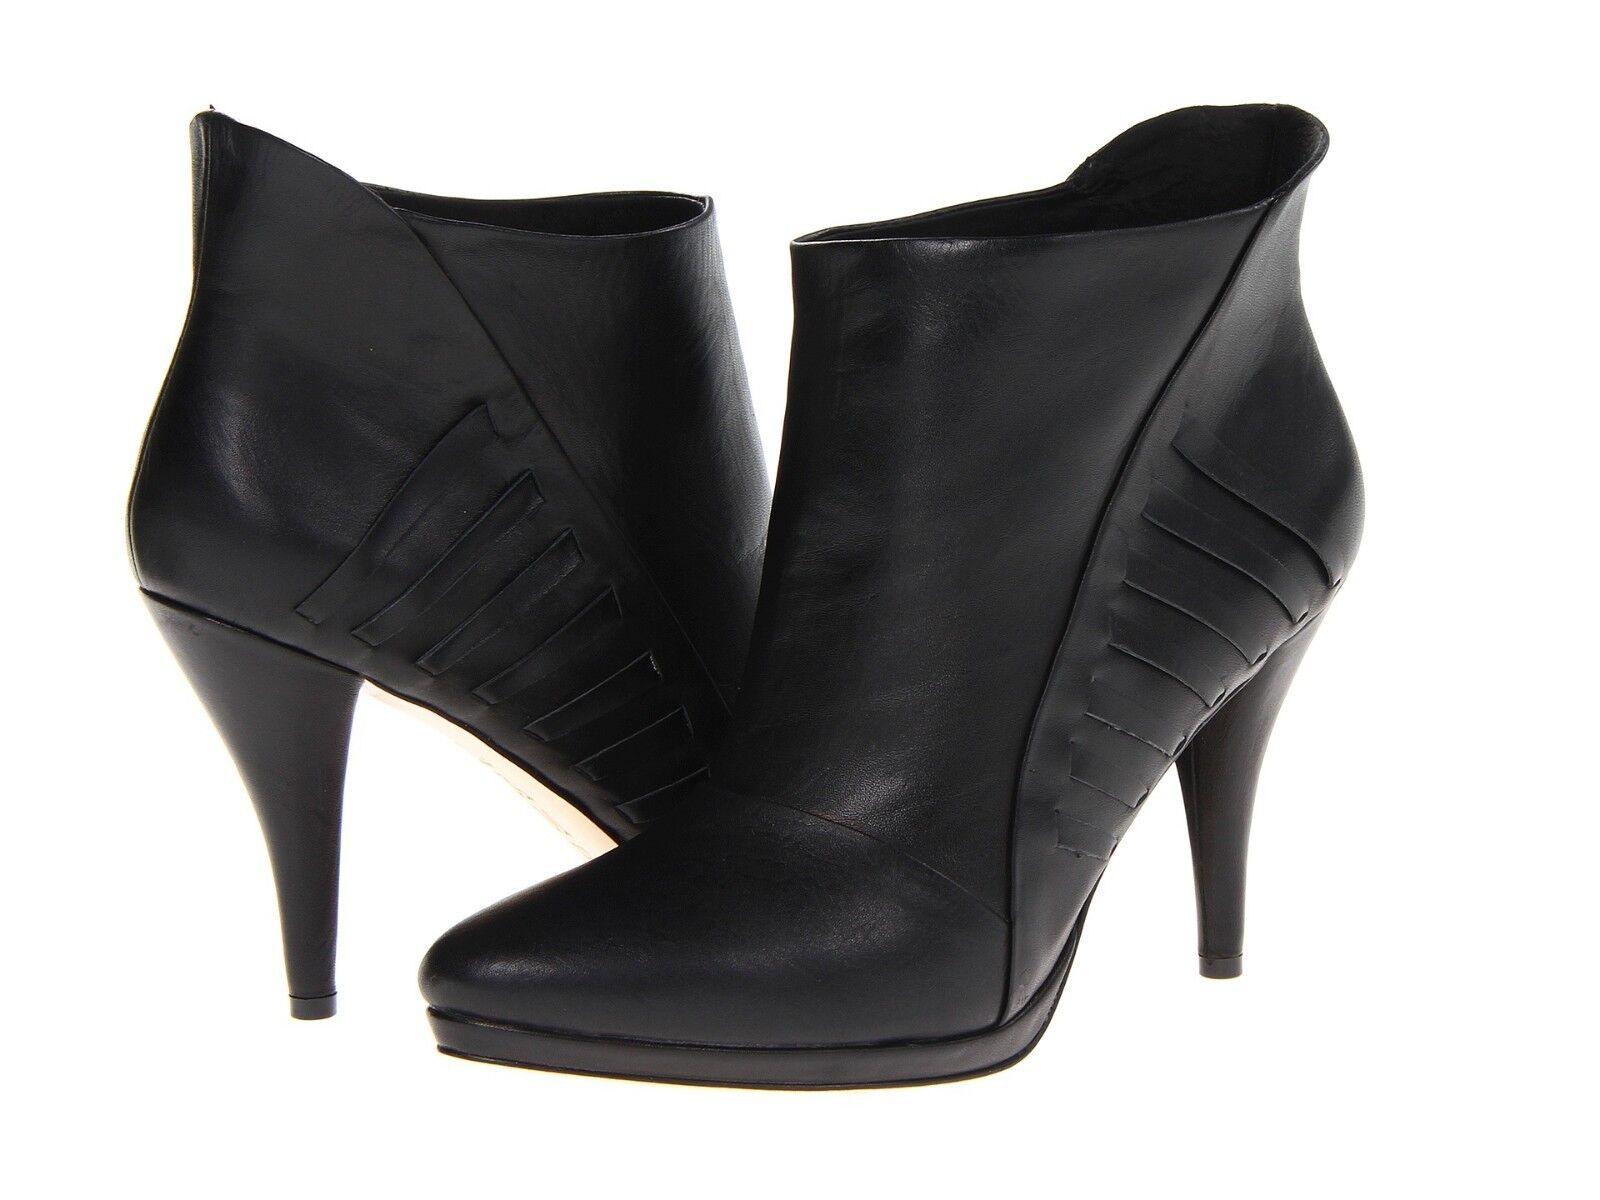 tutti i beni sono speciali L.A.M.B. Nyla nero Woven Leather Leather Leather Ankle stivali Dimensione 8  tutti i prodotti ottengono fino al 34% di sconto